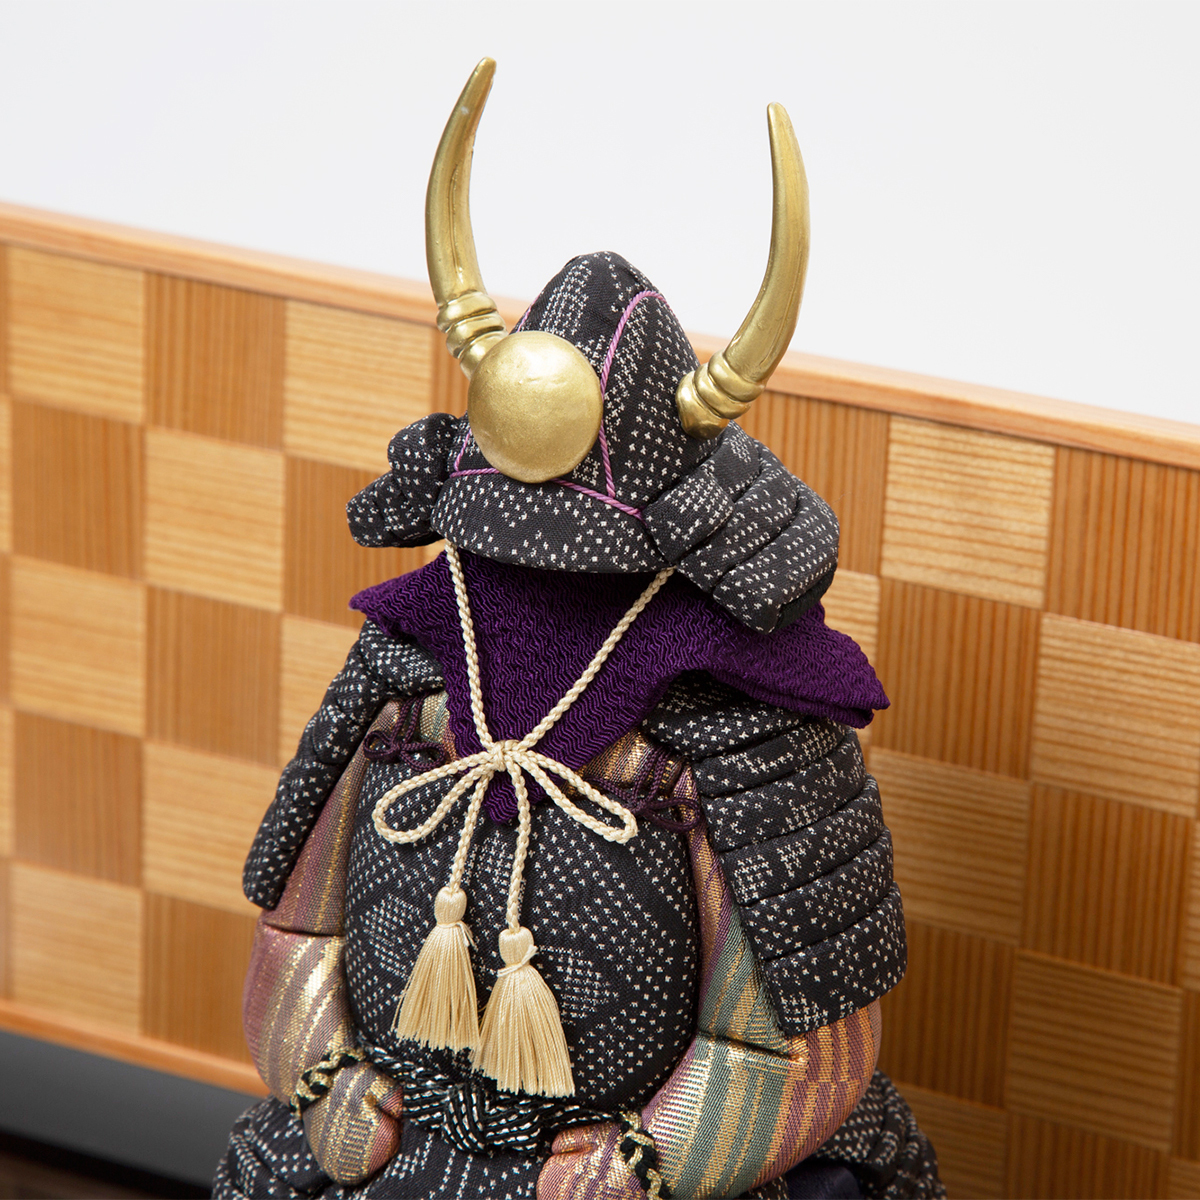 毎年の幸せを願う「五月人形」 | リビングに飾れる「プレミアムコンパクト五月人形」